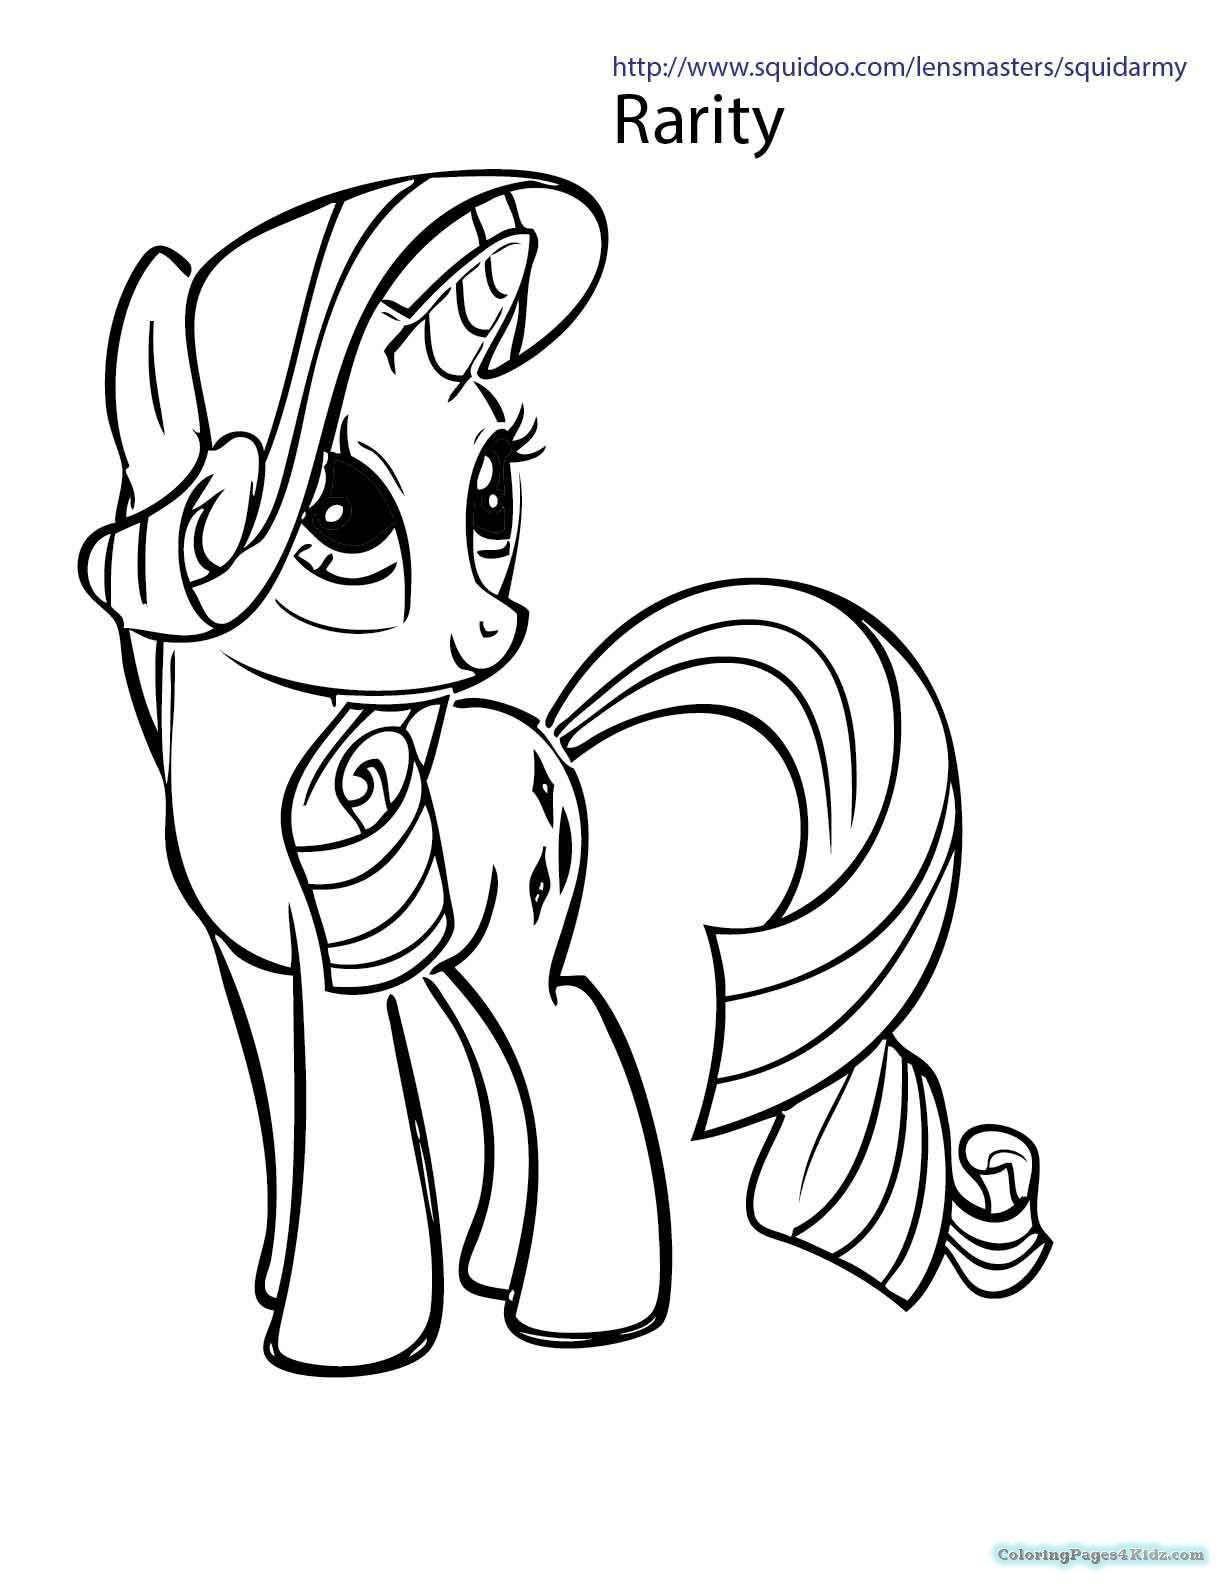 My Little Pony Rainbow Dash Ausmalbilder Inspirierend 36 Equestria Girls Fluttershy Coloring Pages Free Neu Ausmalbilder Sammlung